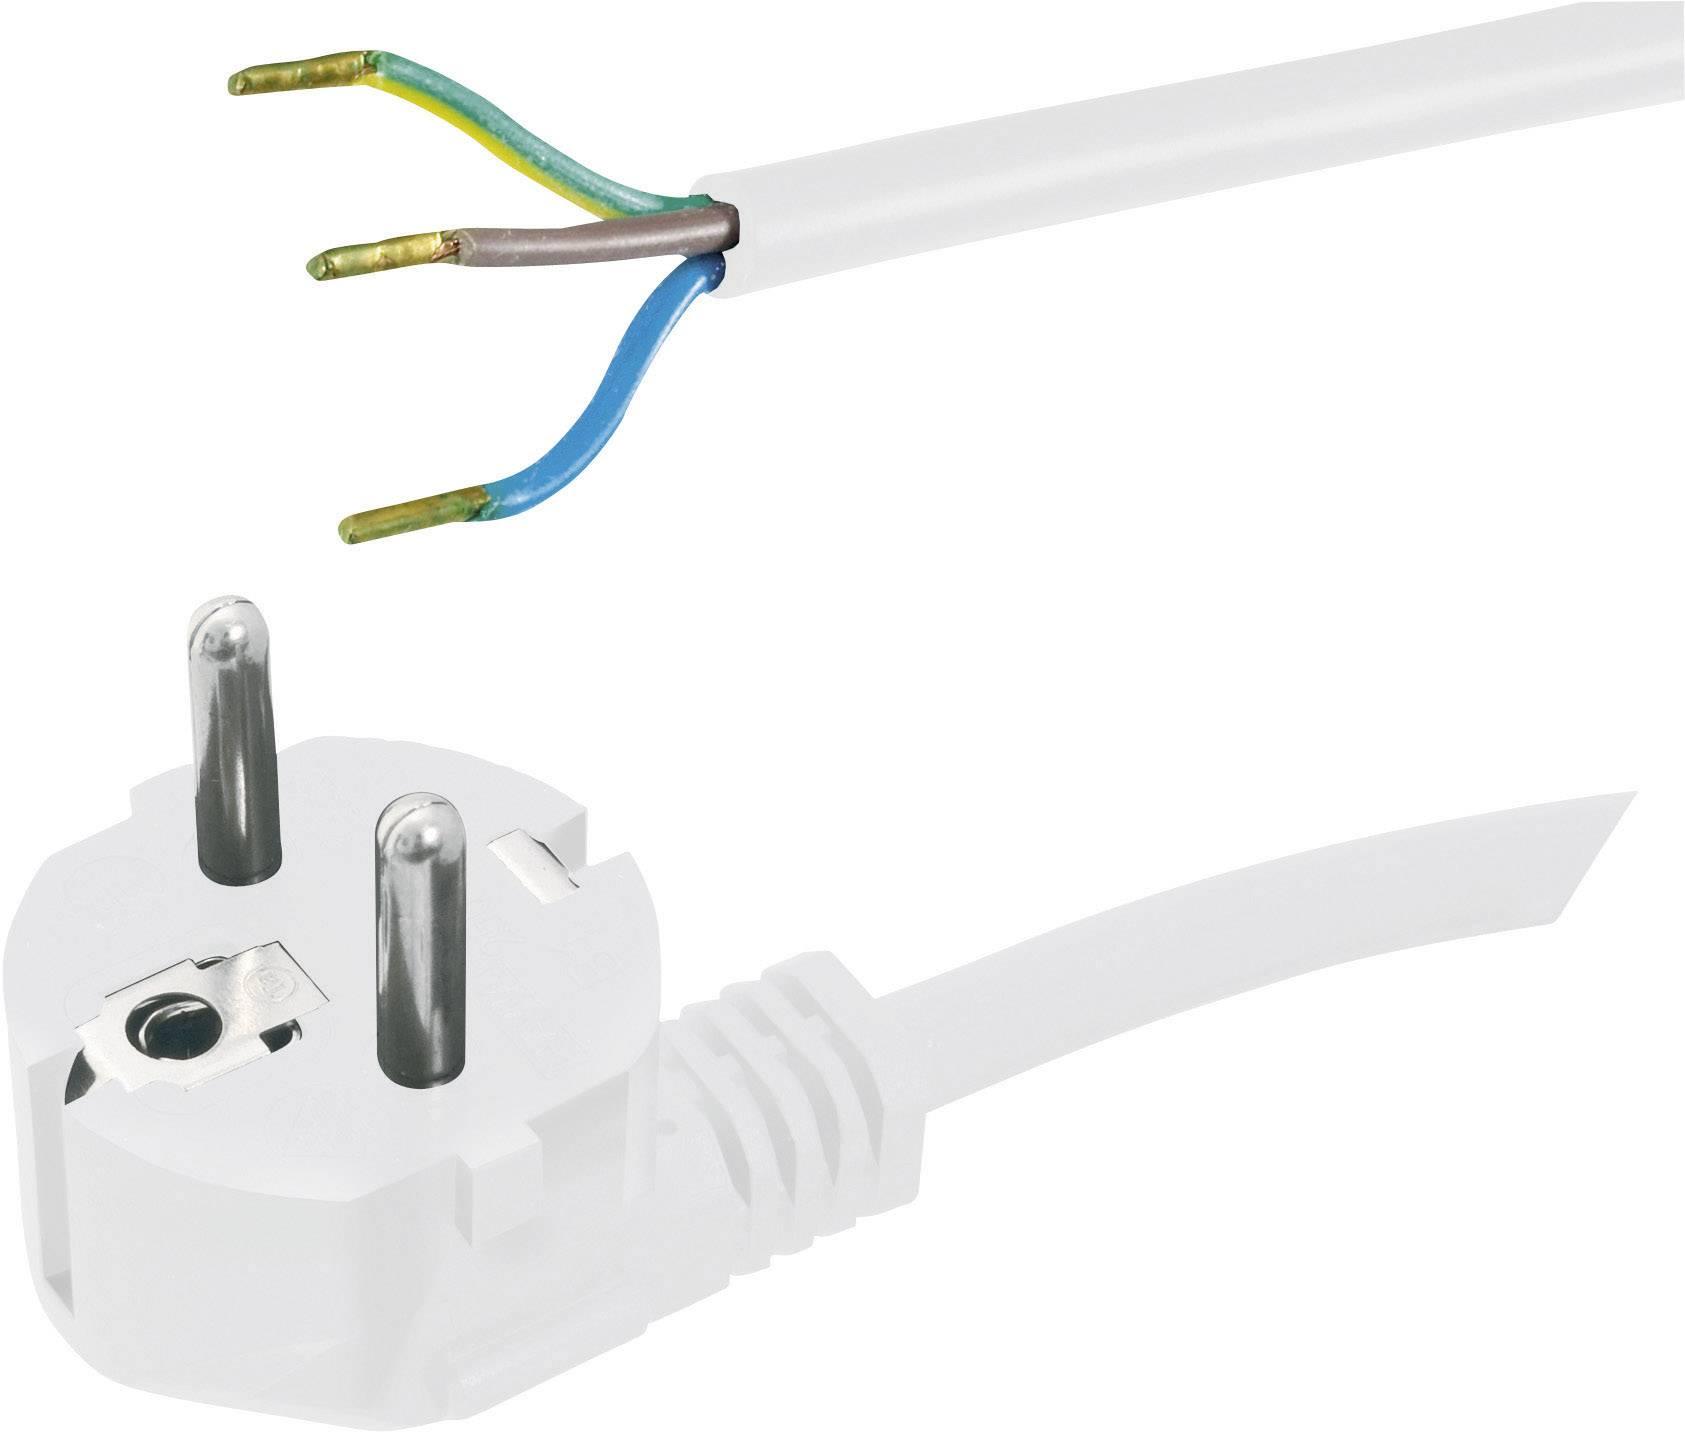 Síťový kabel Hawa, zástrčka/otevřený konec, 0,75 mm², 2 m, bílá, 1008212